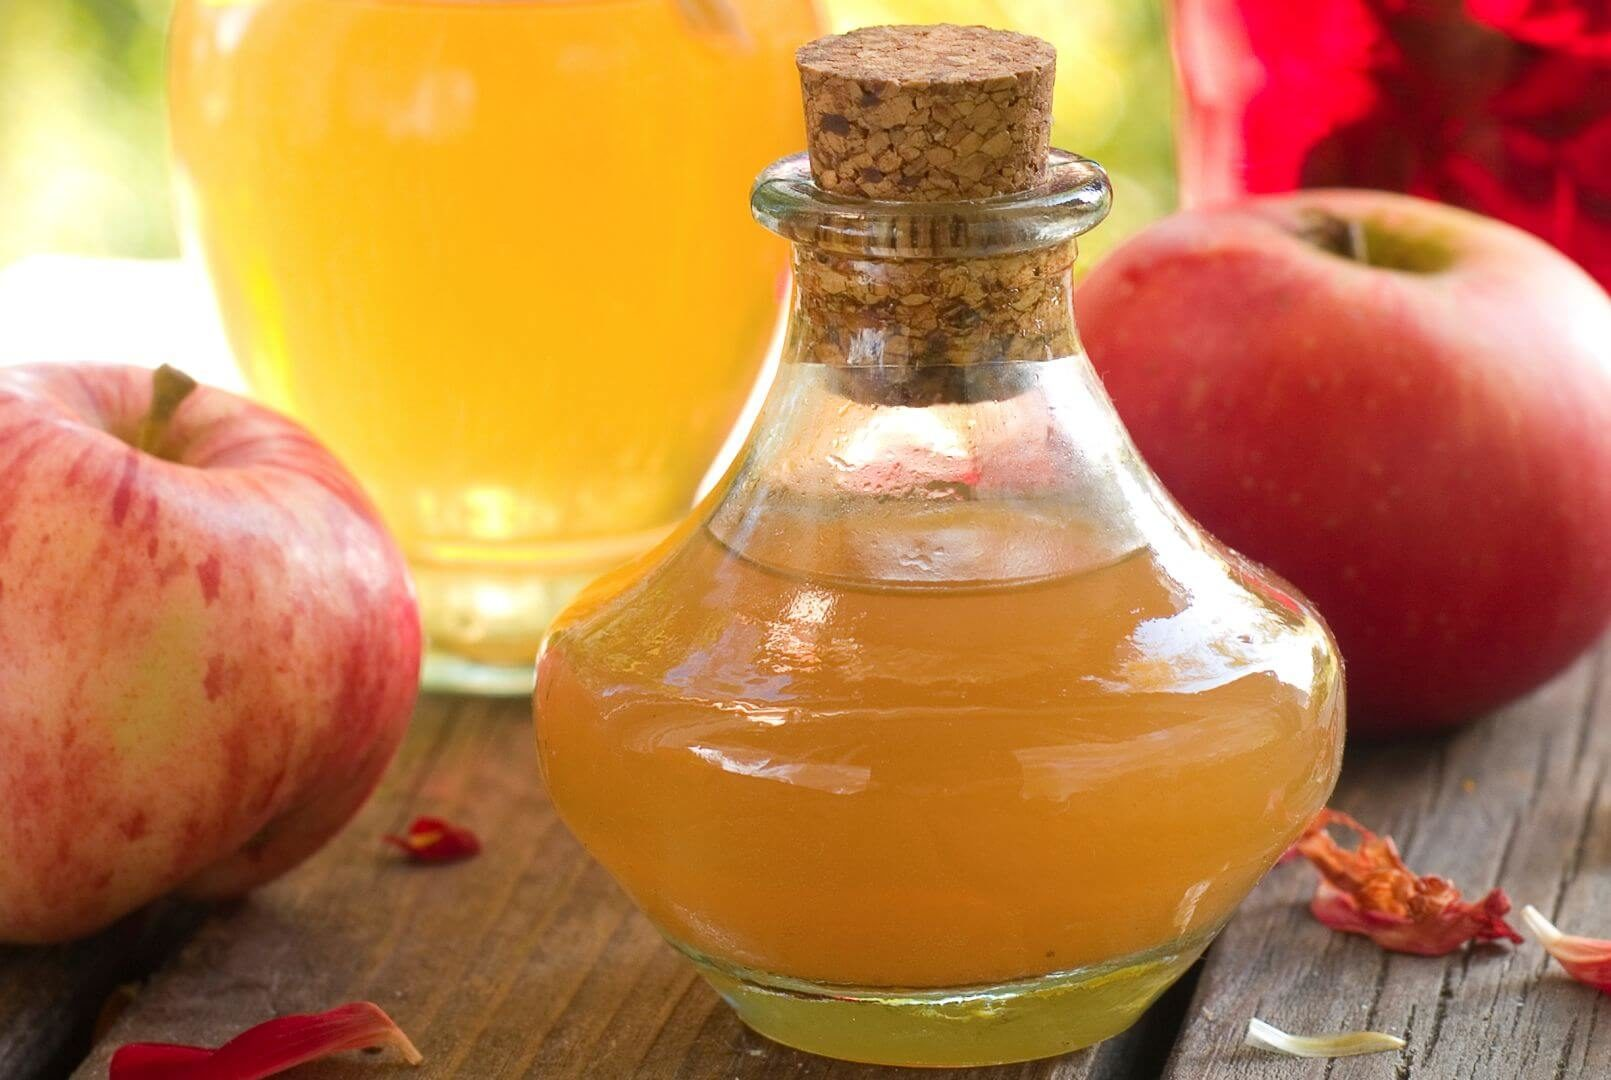 Ocet jabłkowy. Przepis, właściwości, zastosowanie, skład i zagrożenia. Hit czy kit? MINIKOMPENDIUM